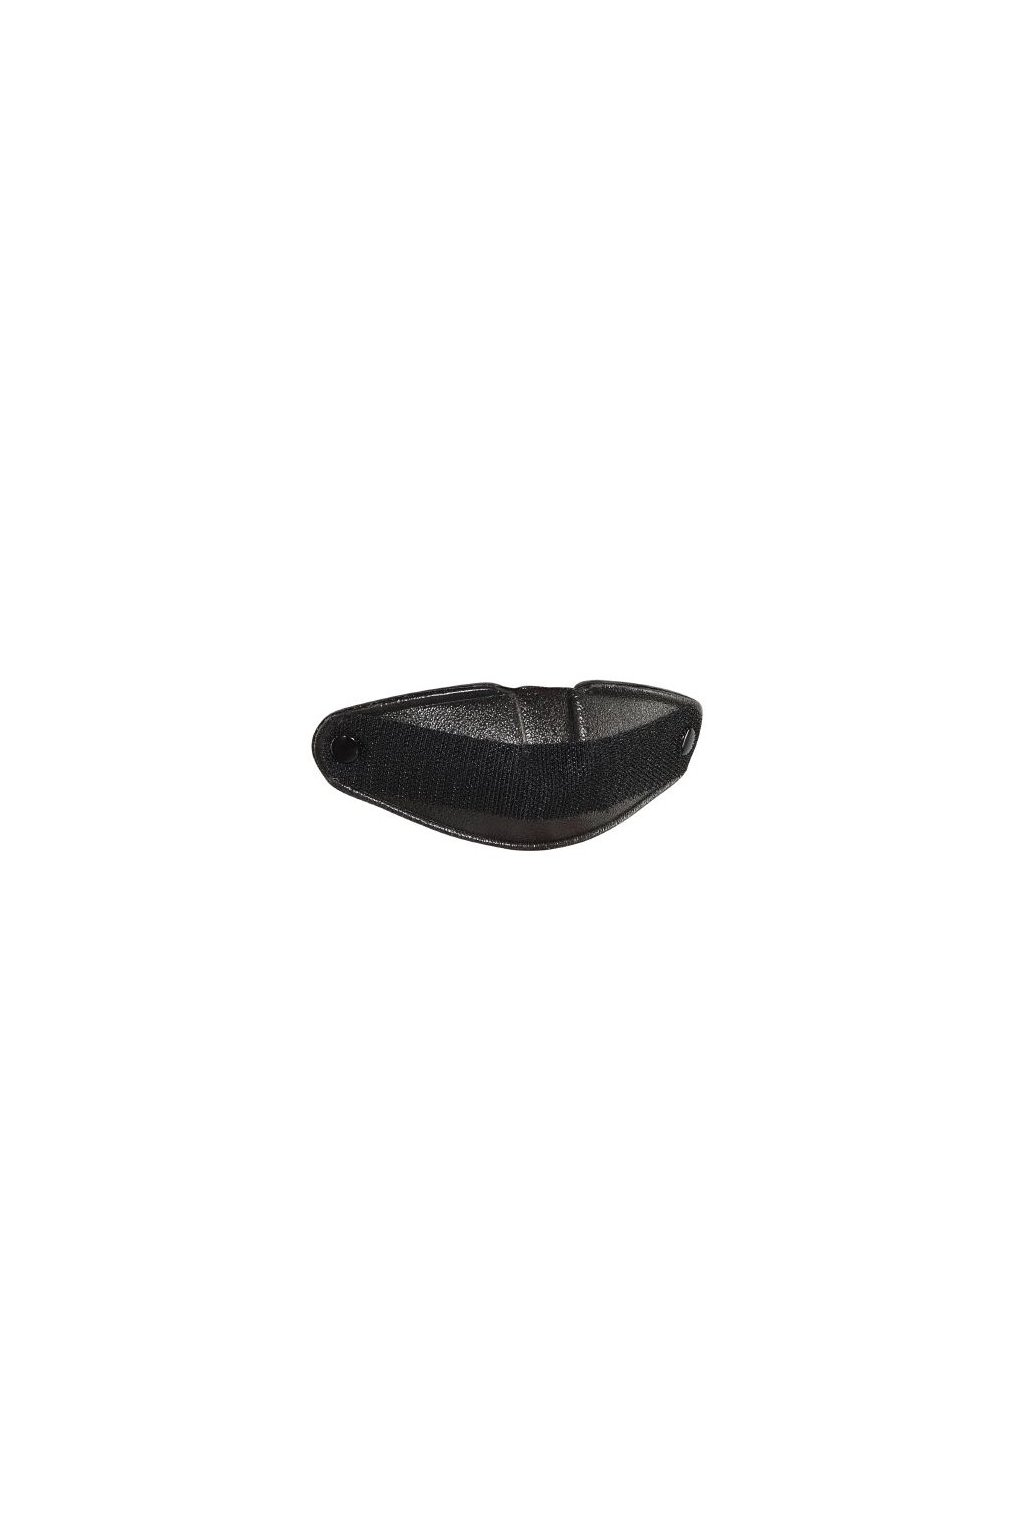 salming elite helmet chin cup (1)